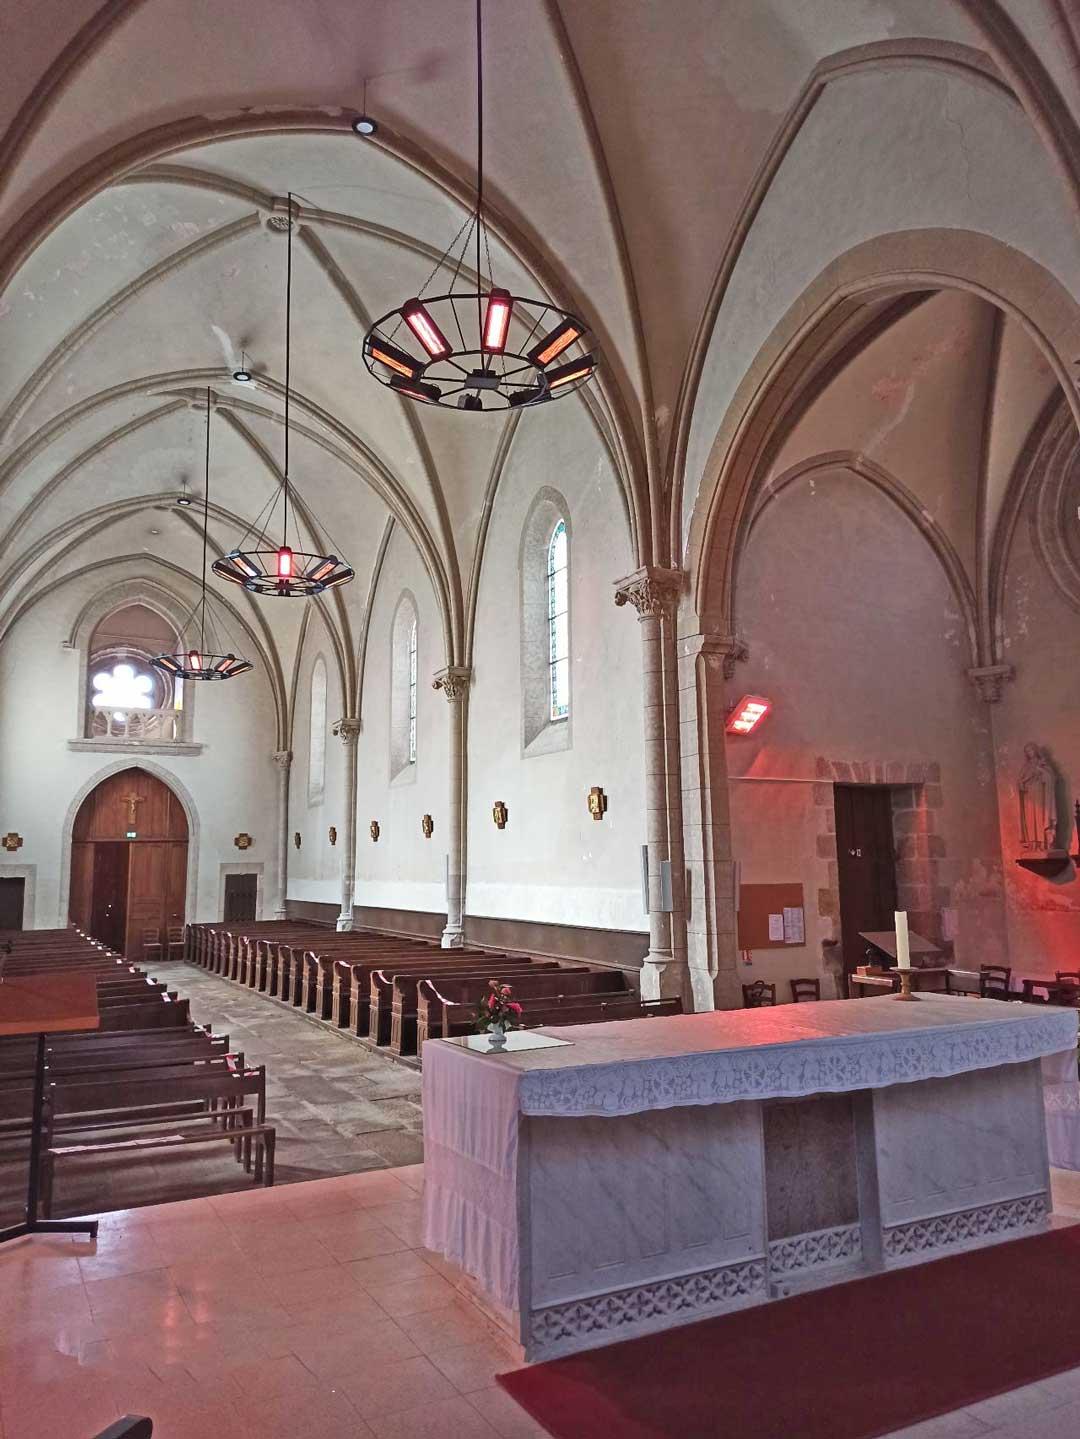 Eclairage de l'église de treize vents (85)